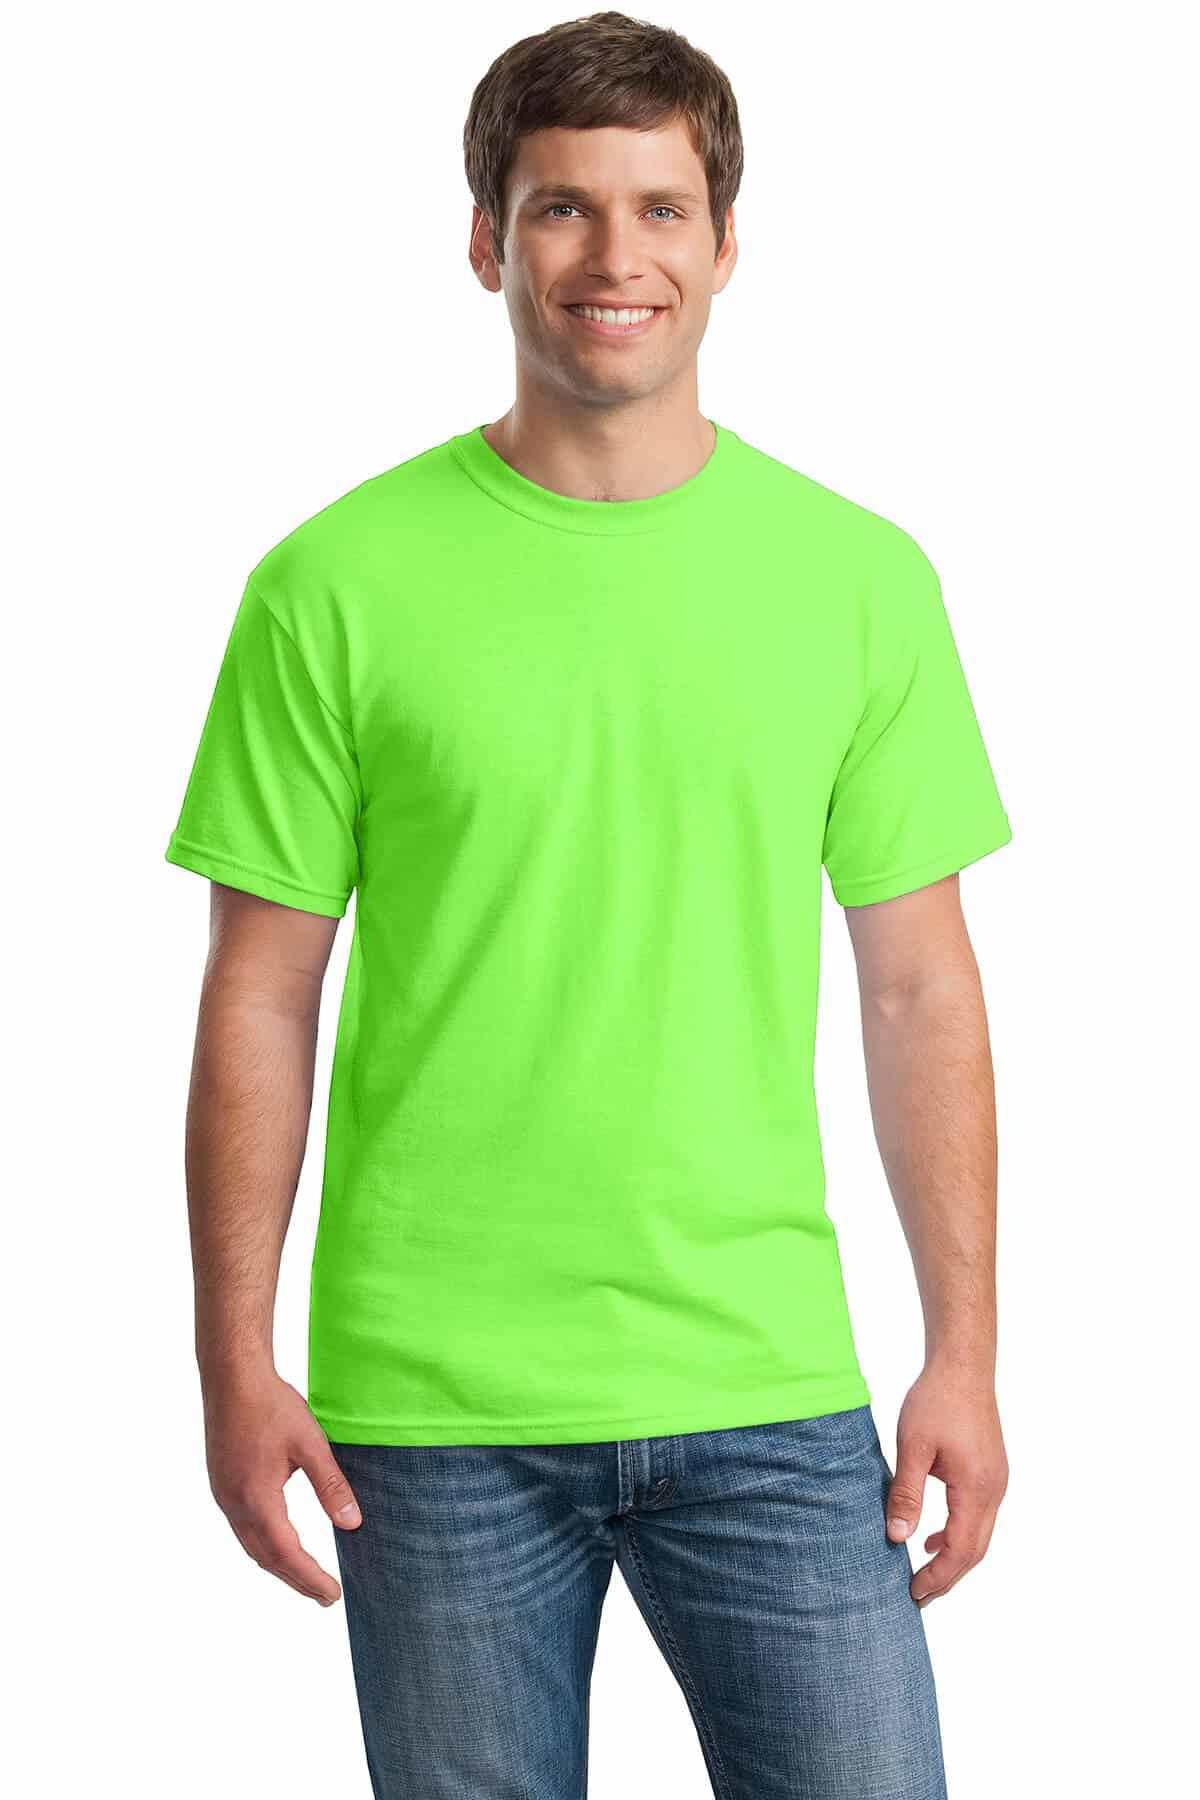 Neon Green Tee Front